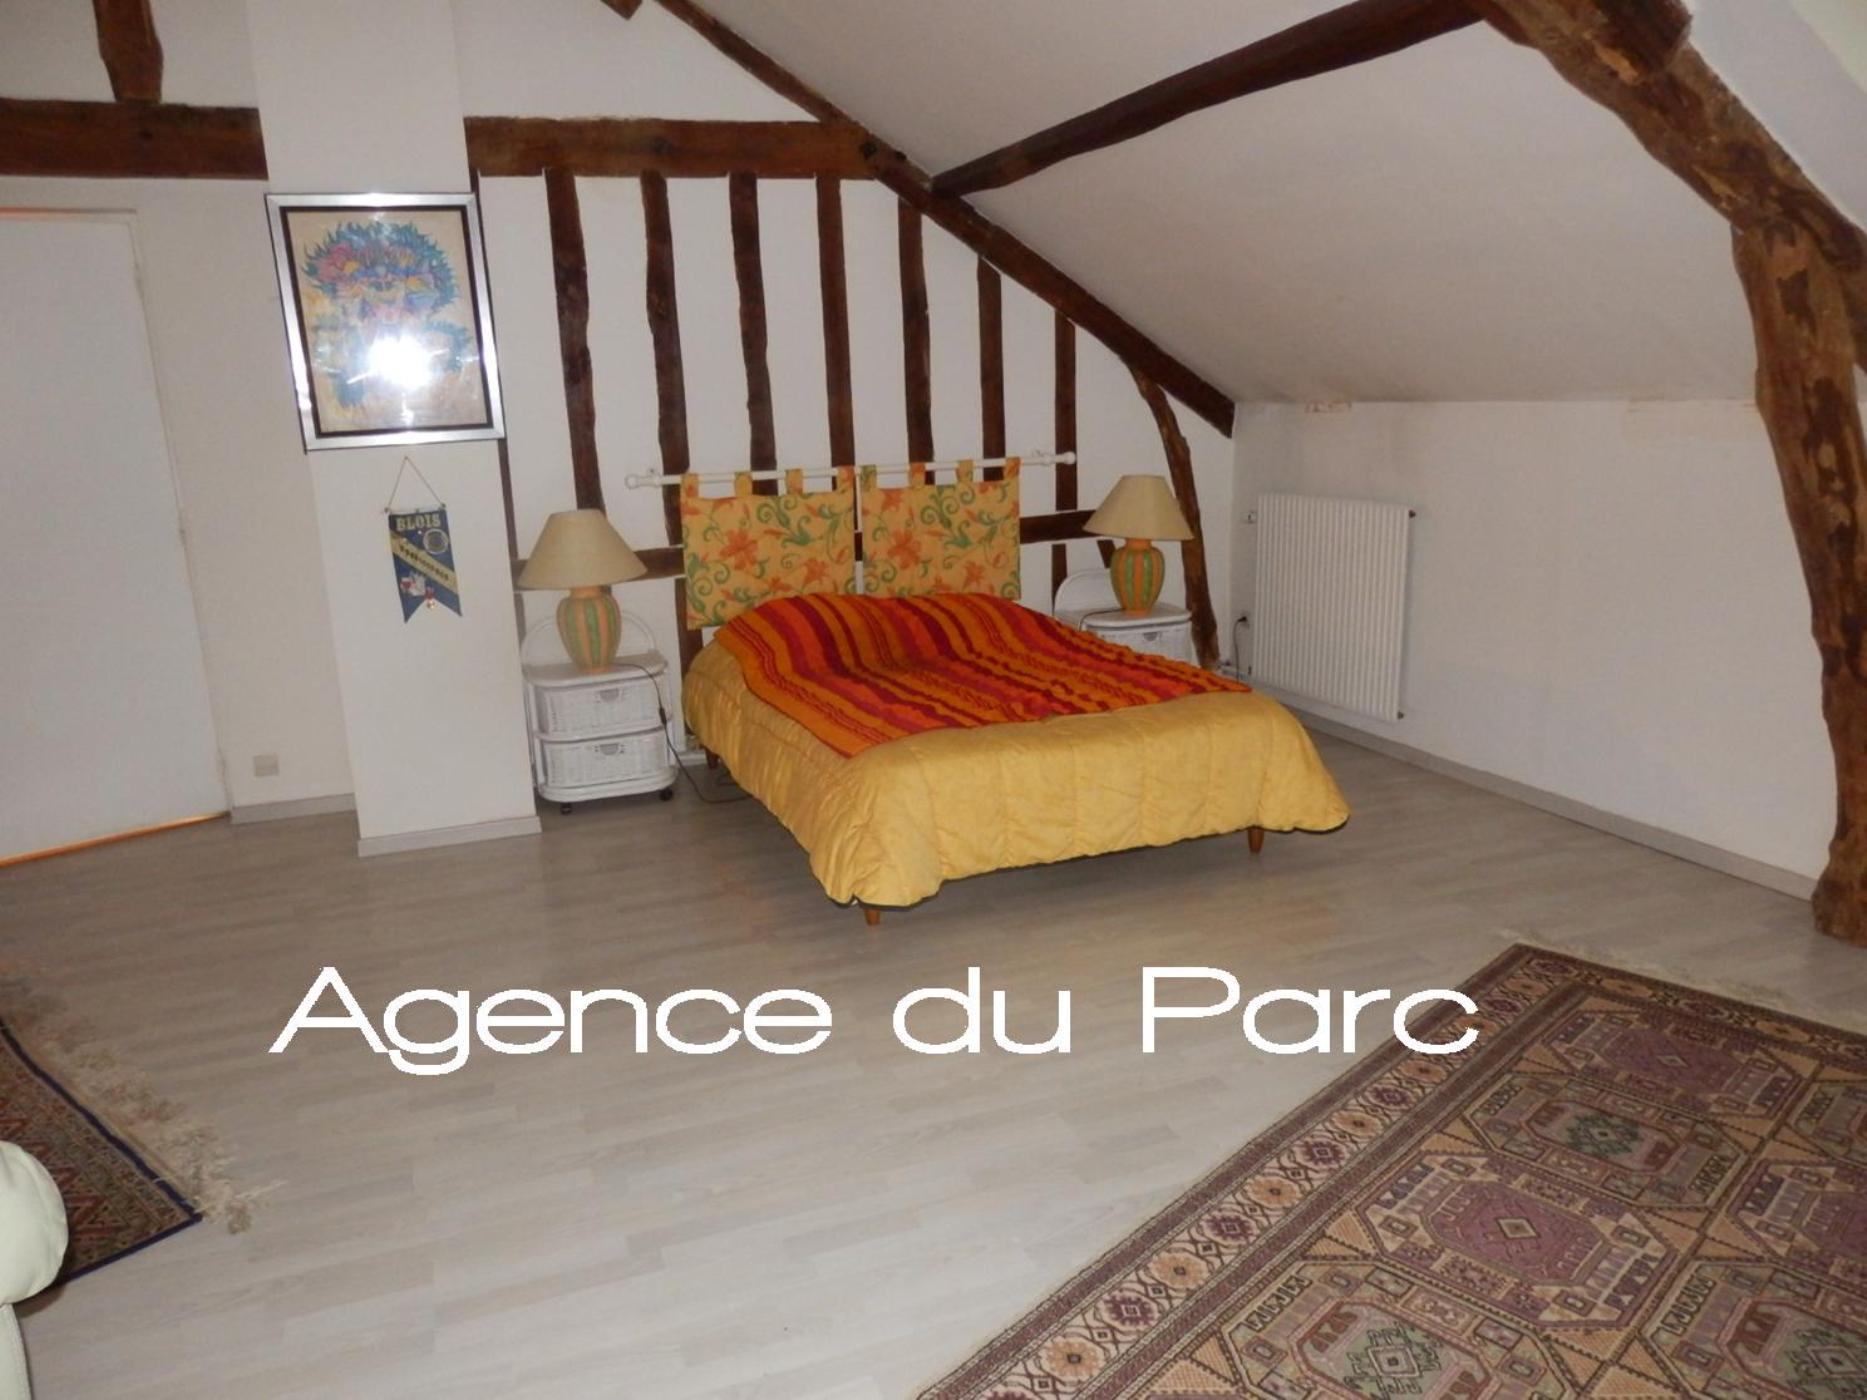 Acheter Achat d une maison normande Rouen Ouest une vingtaine de